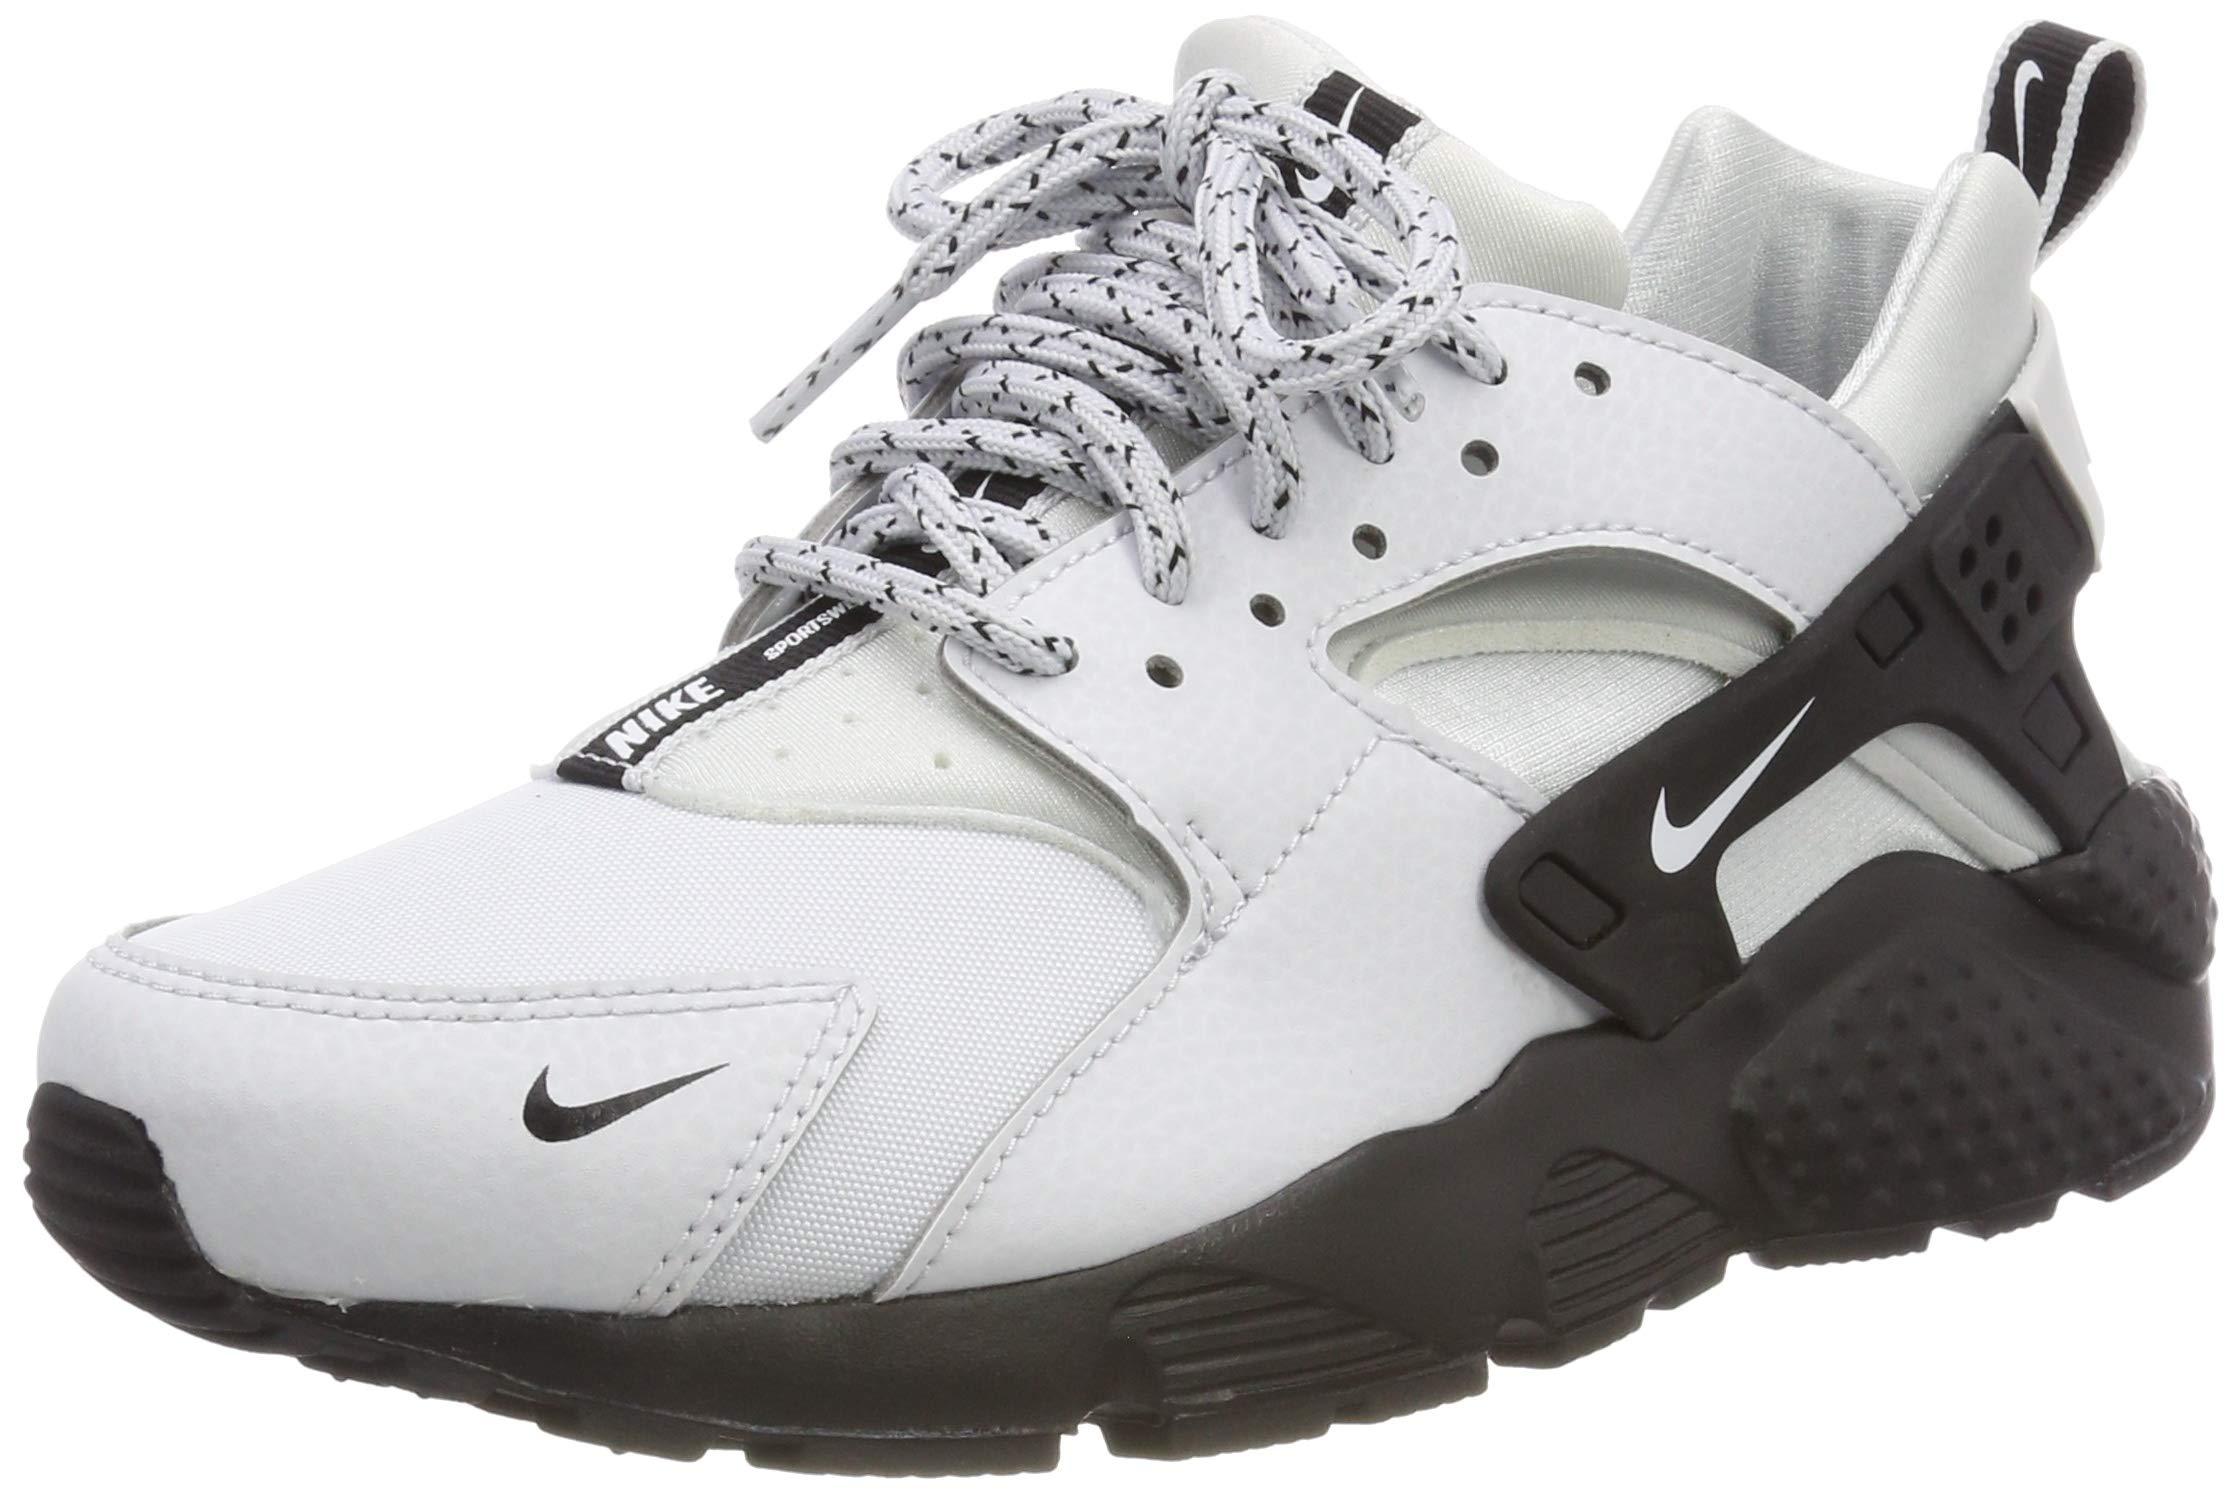 Nike Kids Huarache Run SE (GS) Pure Platinum/Wht/Black Running Shoe 4 Kids US